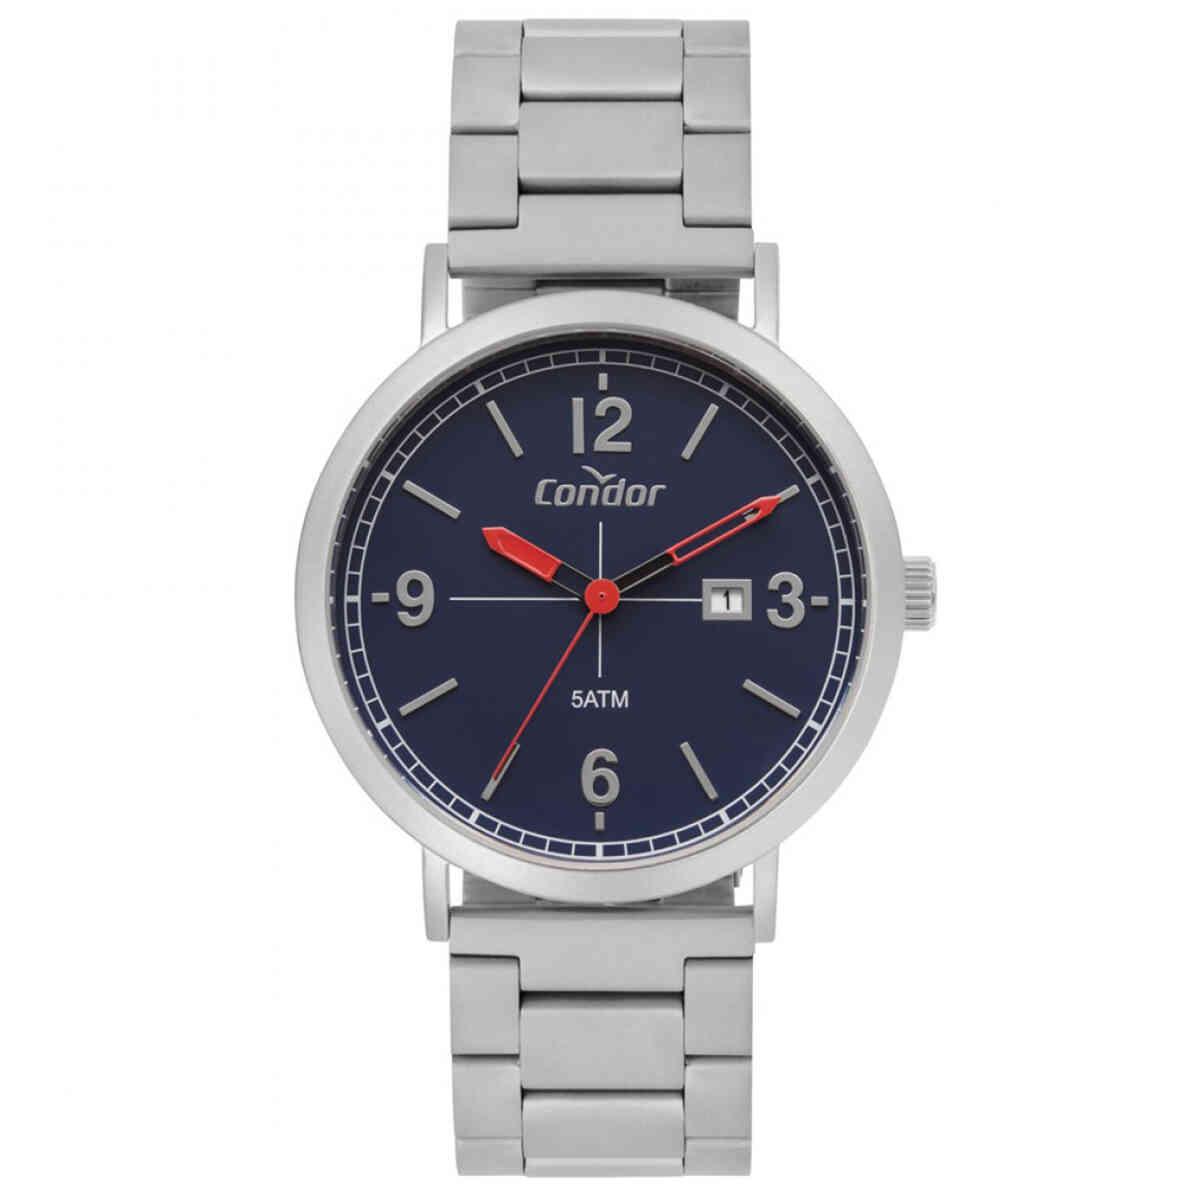 Relógio de Pulso Condor Masculino CO2115KV